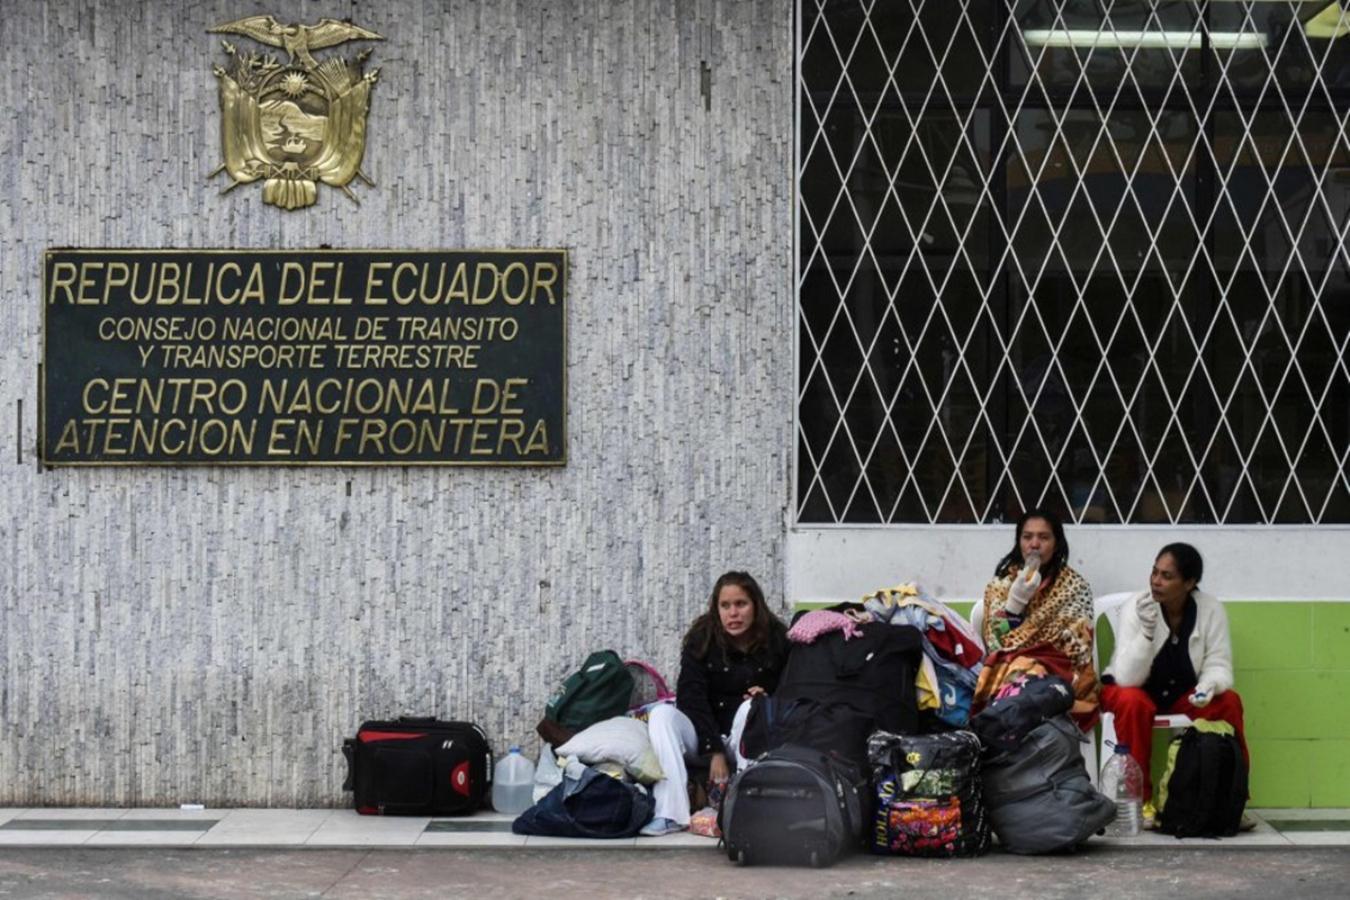 Unión Europea destinará 111 millones de euros para aliviar crisis humanitaria en Venezuela